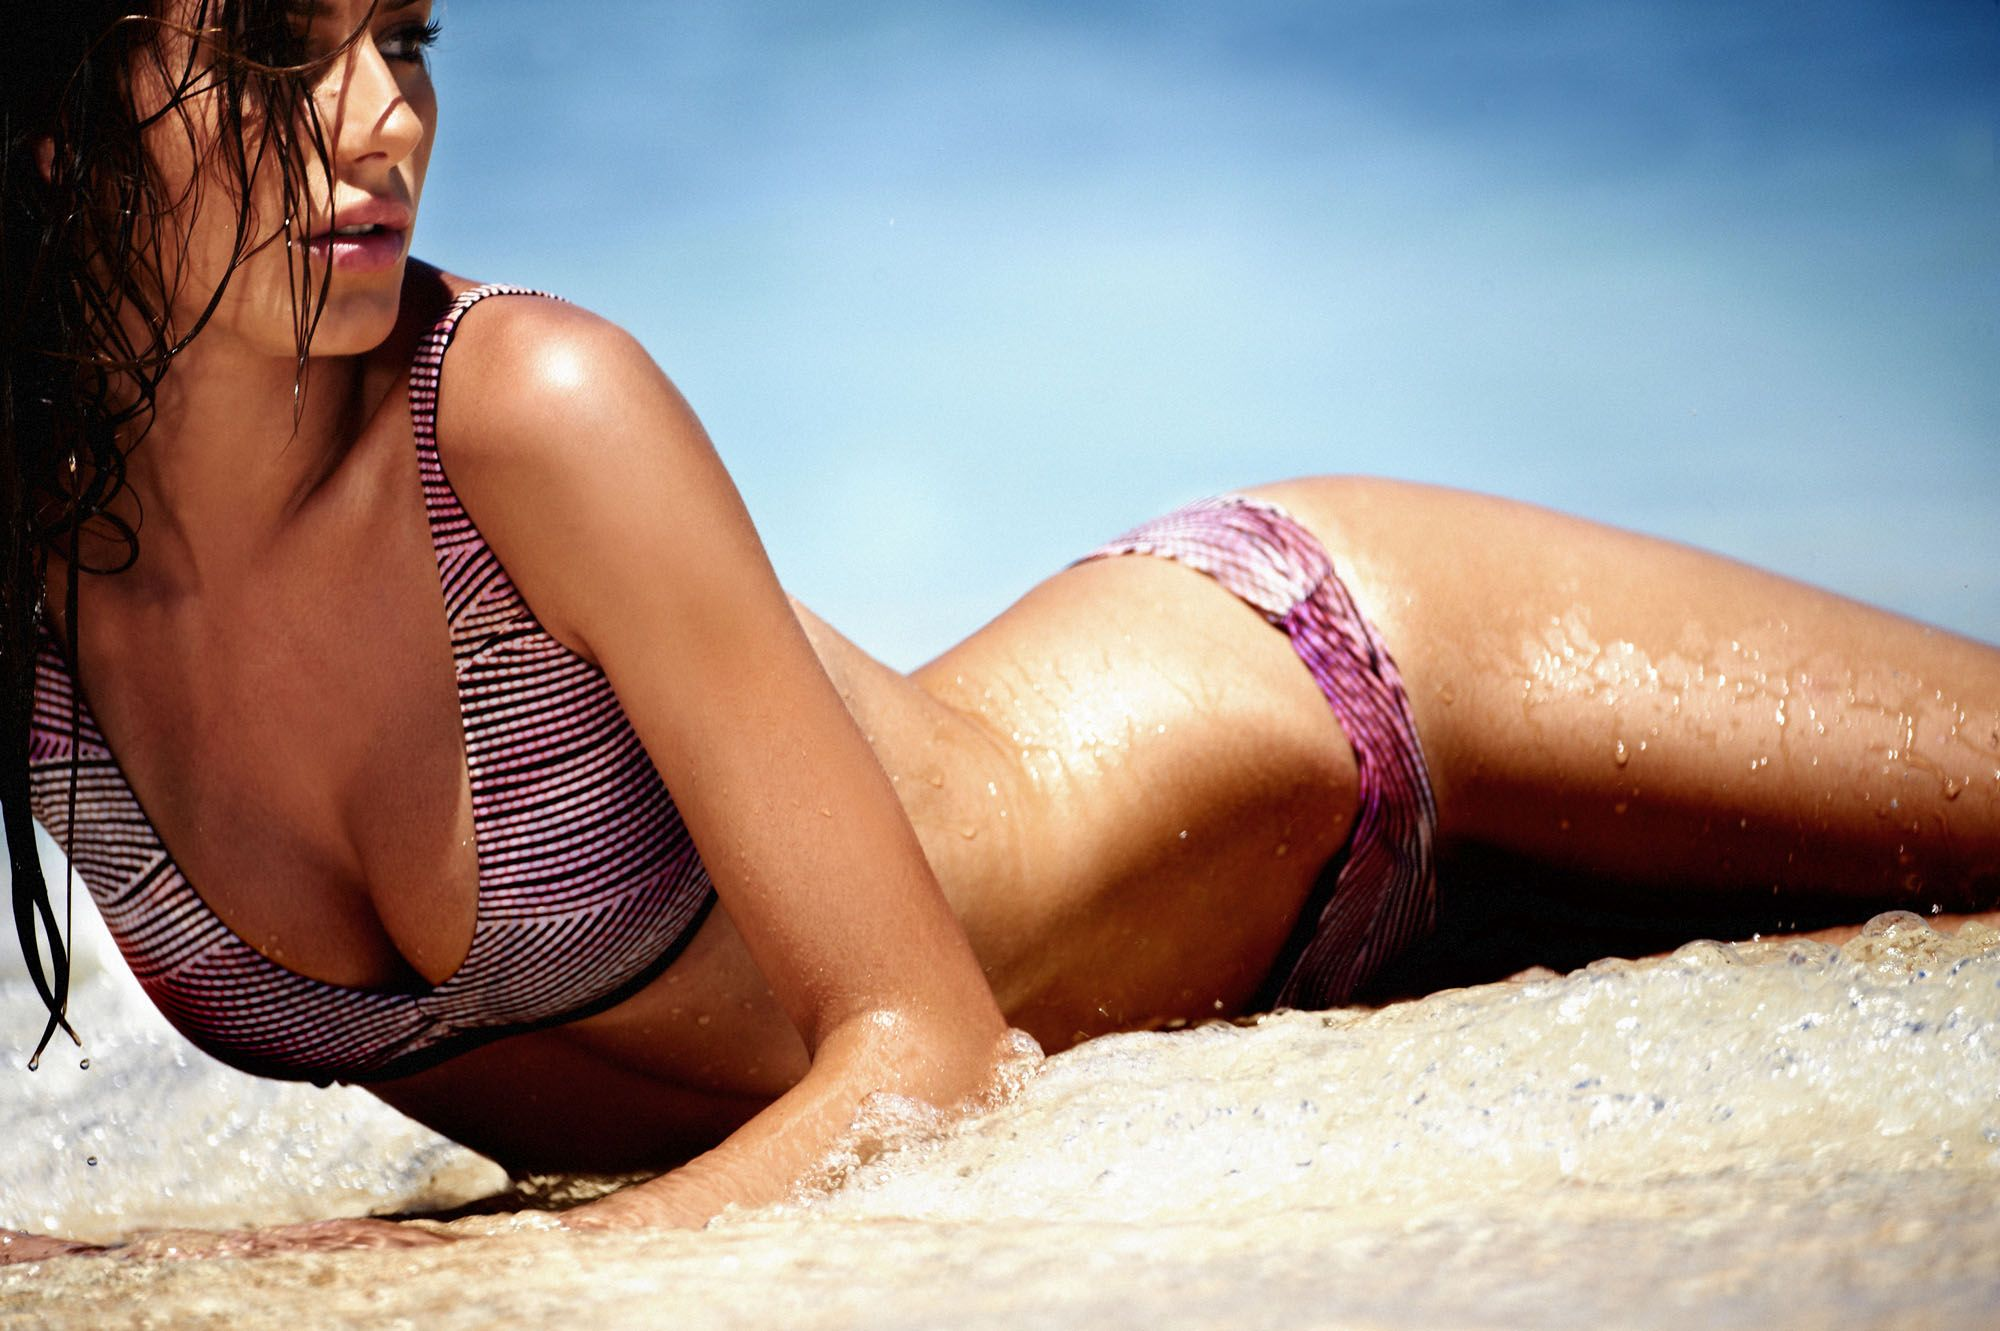 BikinisBikini Mirage My Curl Outfit Surf BikiniRip DWEH29IY